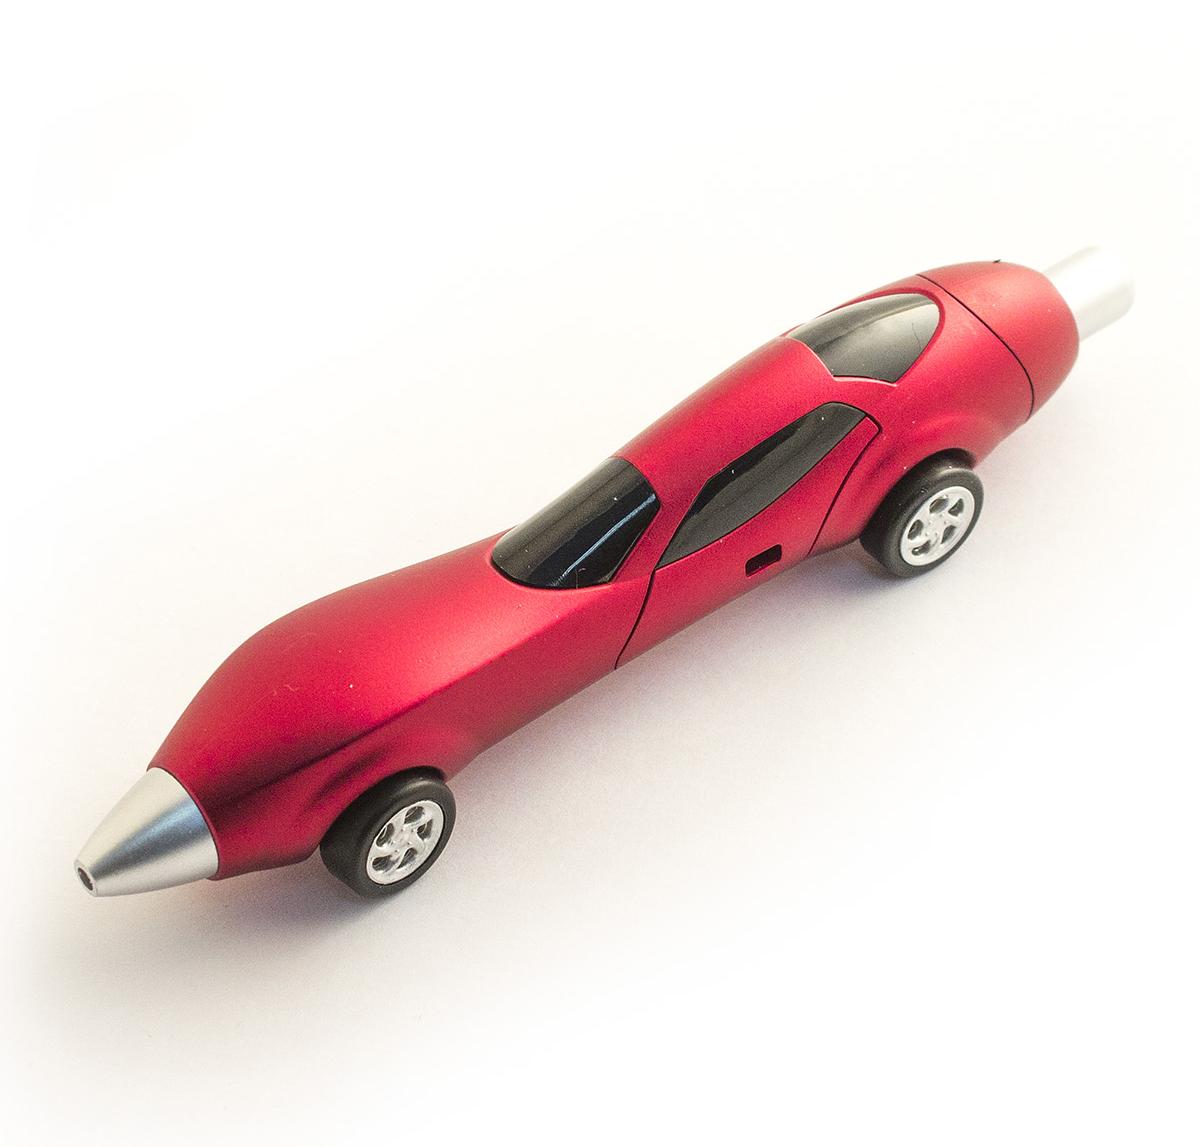 Эврика Ручка шариковая Авто №2 цвет корпуса красный98519Разноцветные миниатюрные автомобили всегда производят впечатление на представителей мужской половины человечества, а если это еще и удобная шариковая ручка Авто №2, которую так приятно держать за обтекаемые бока, то радость длится существенно дольше. Стержень сменяемый.